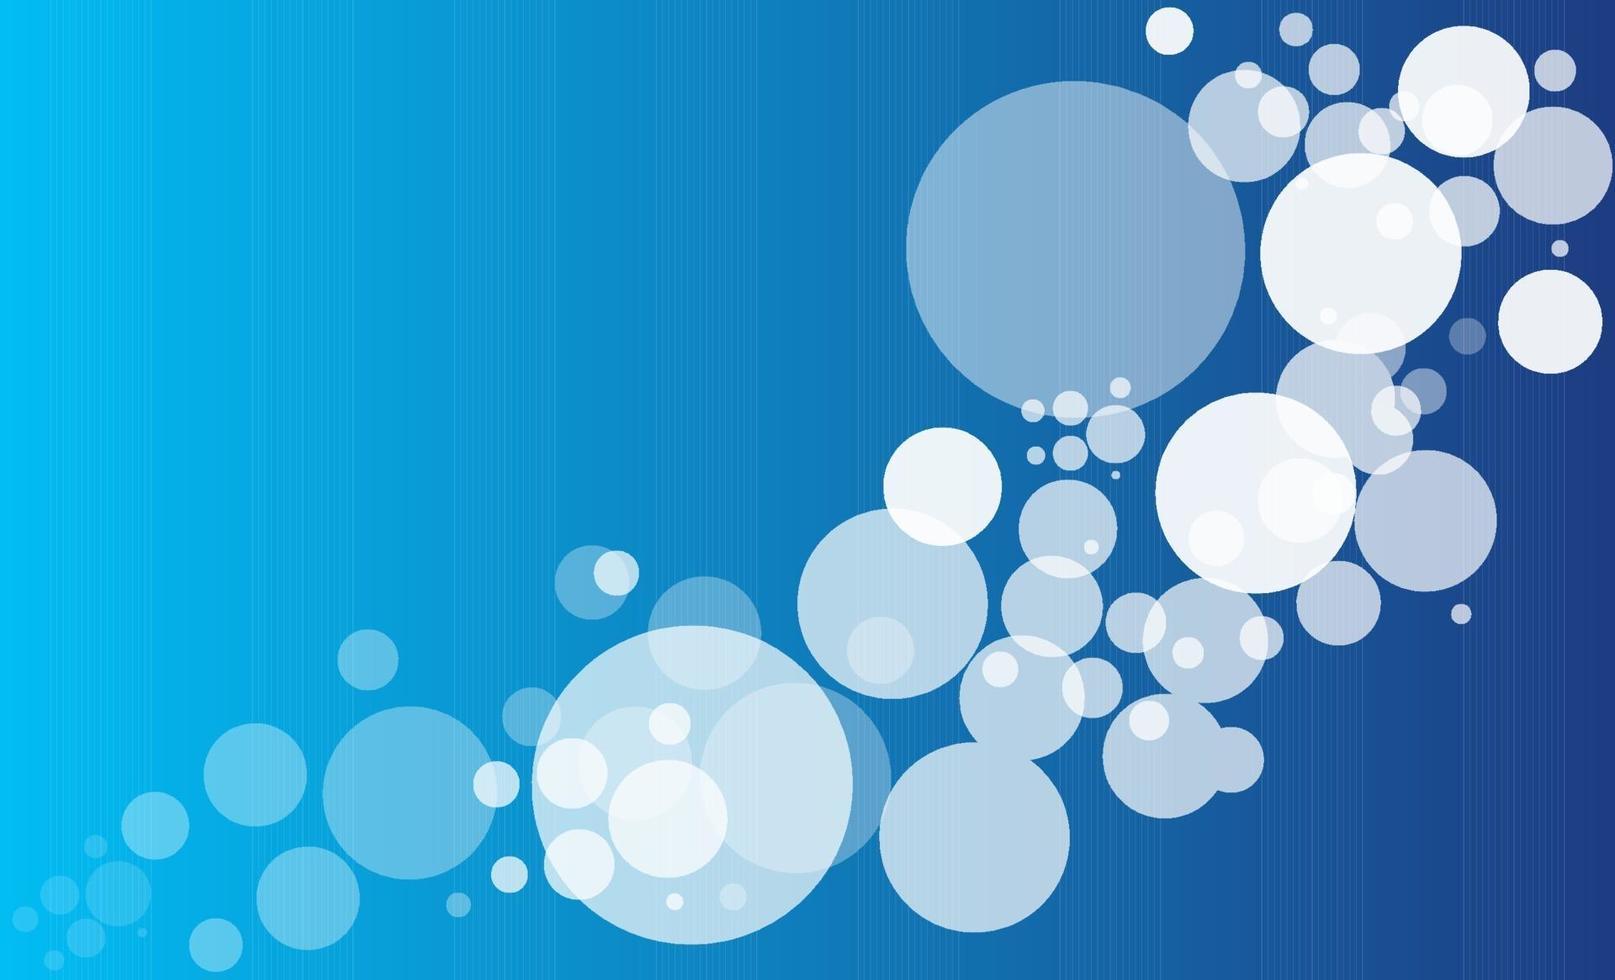 abstrait avec effet bokeh blanc. modèle de lumières pour voeux, carte d & # 39; invitation, bannière et affiche pour célébrer la saison des vacances en illustration vectorielle vecteur